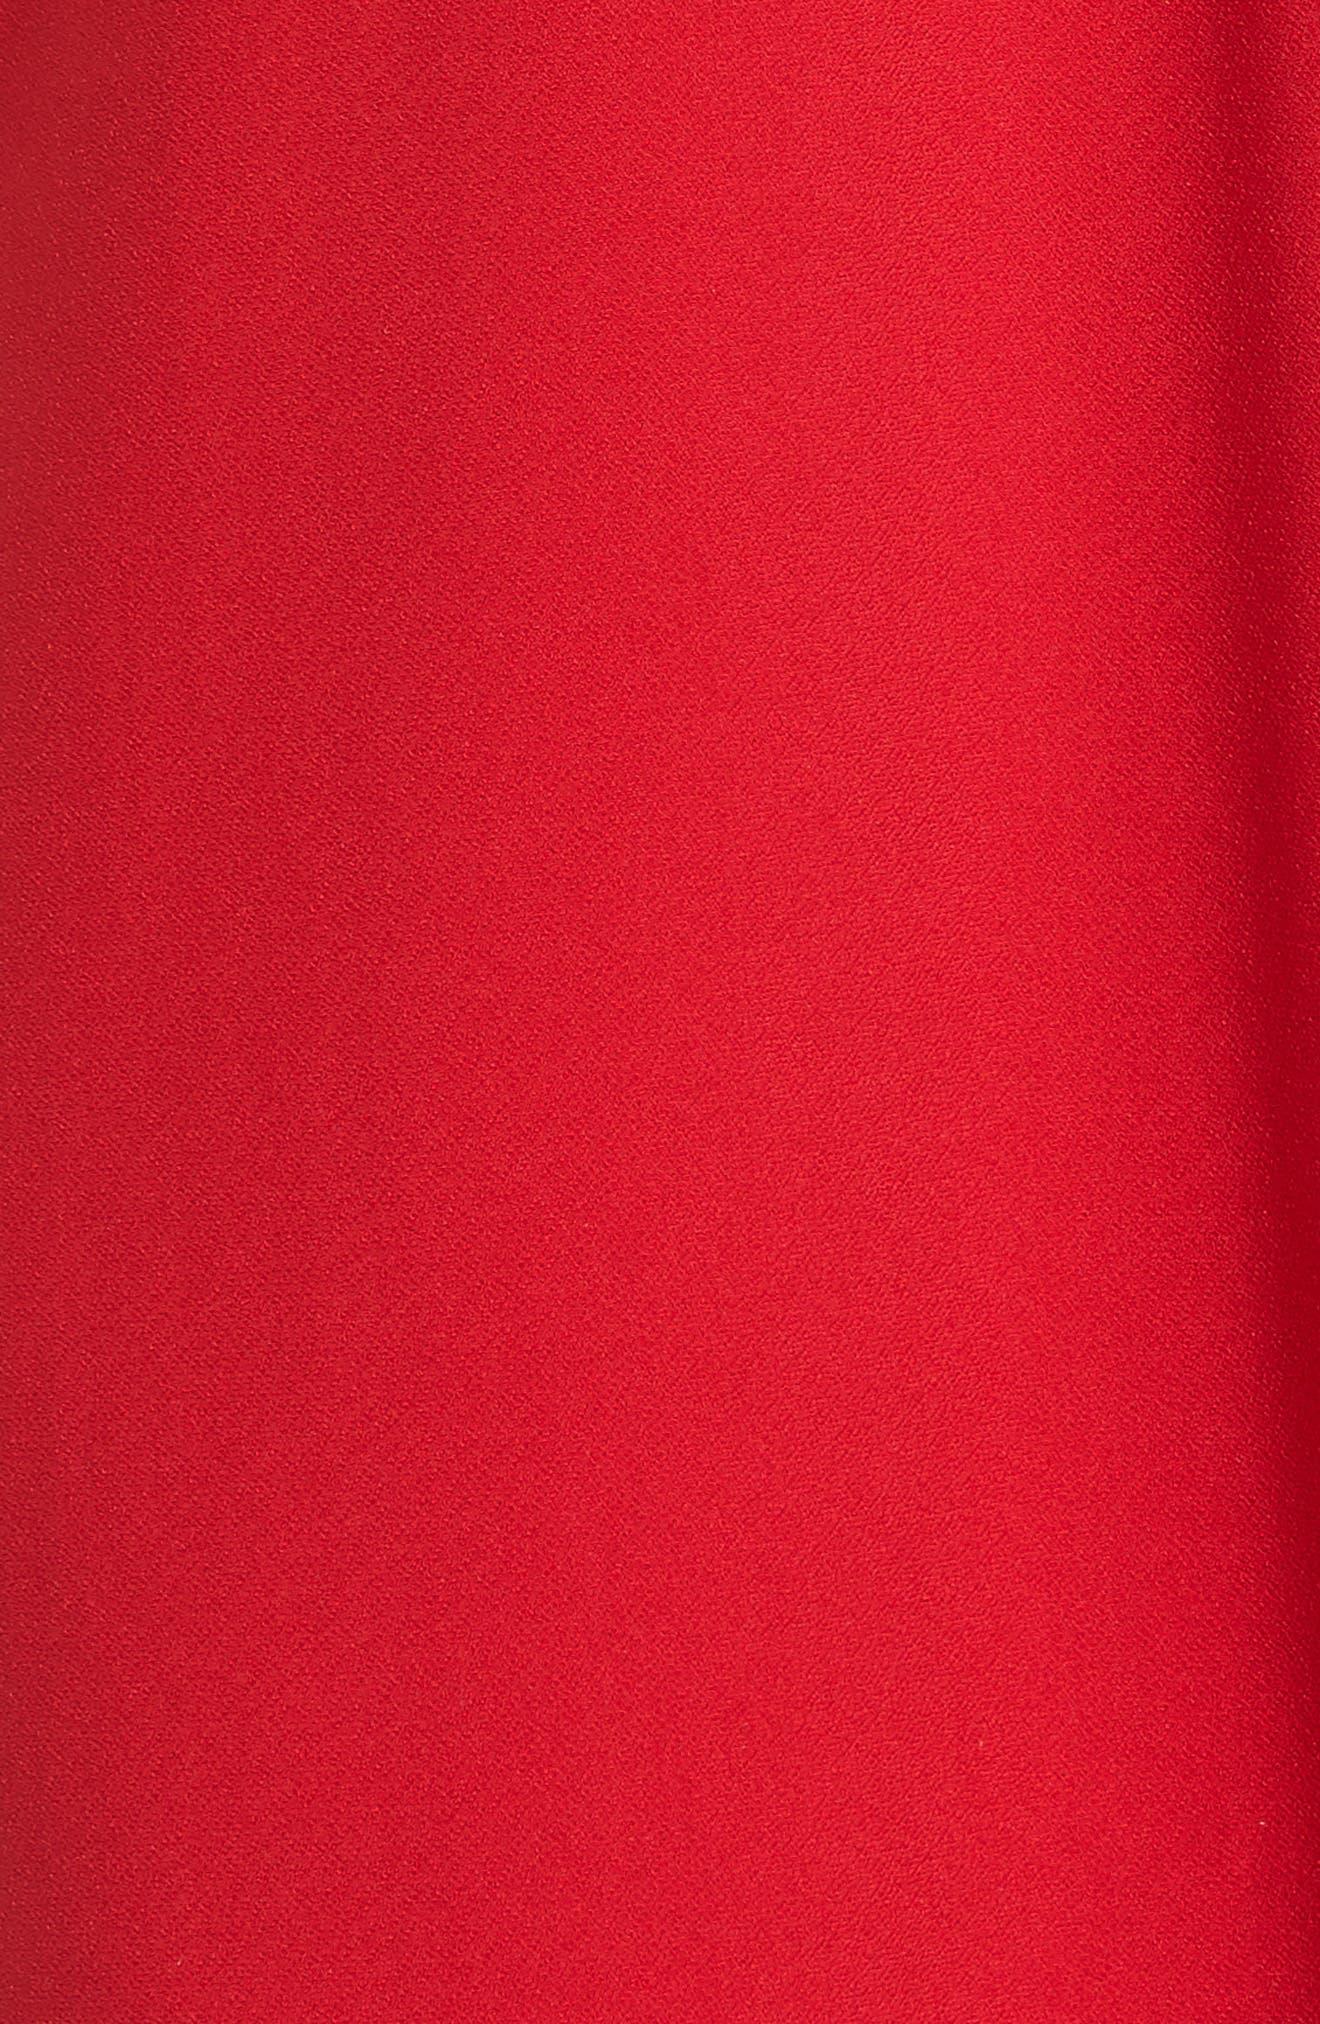 Cold Shoulder Shift Dress,                             Alternate thumbnail 5, color,                             600